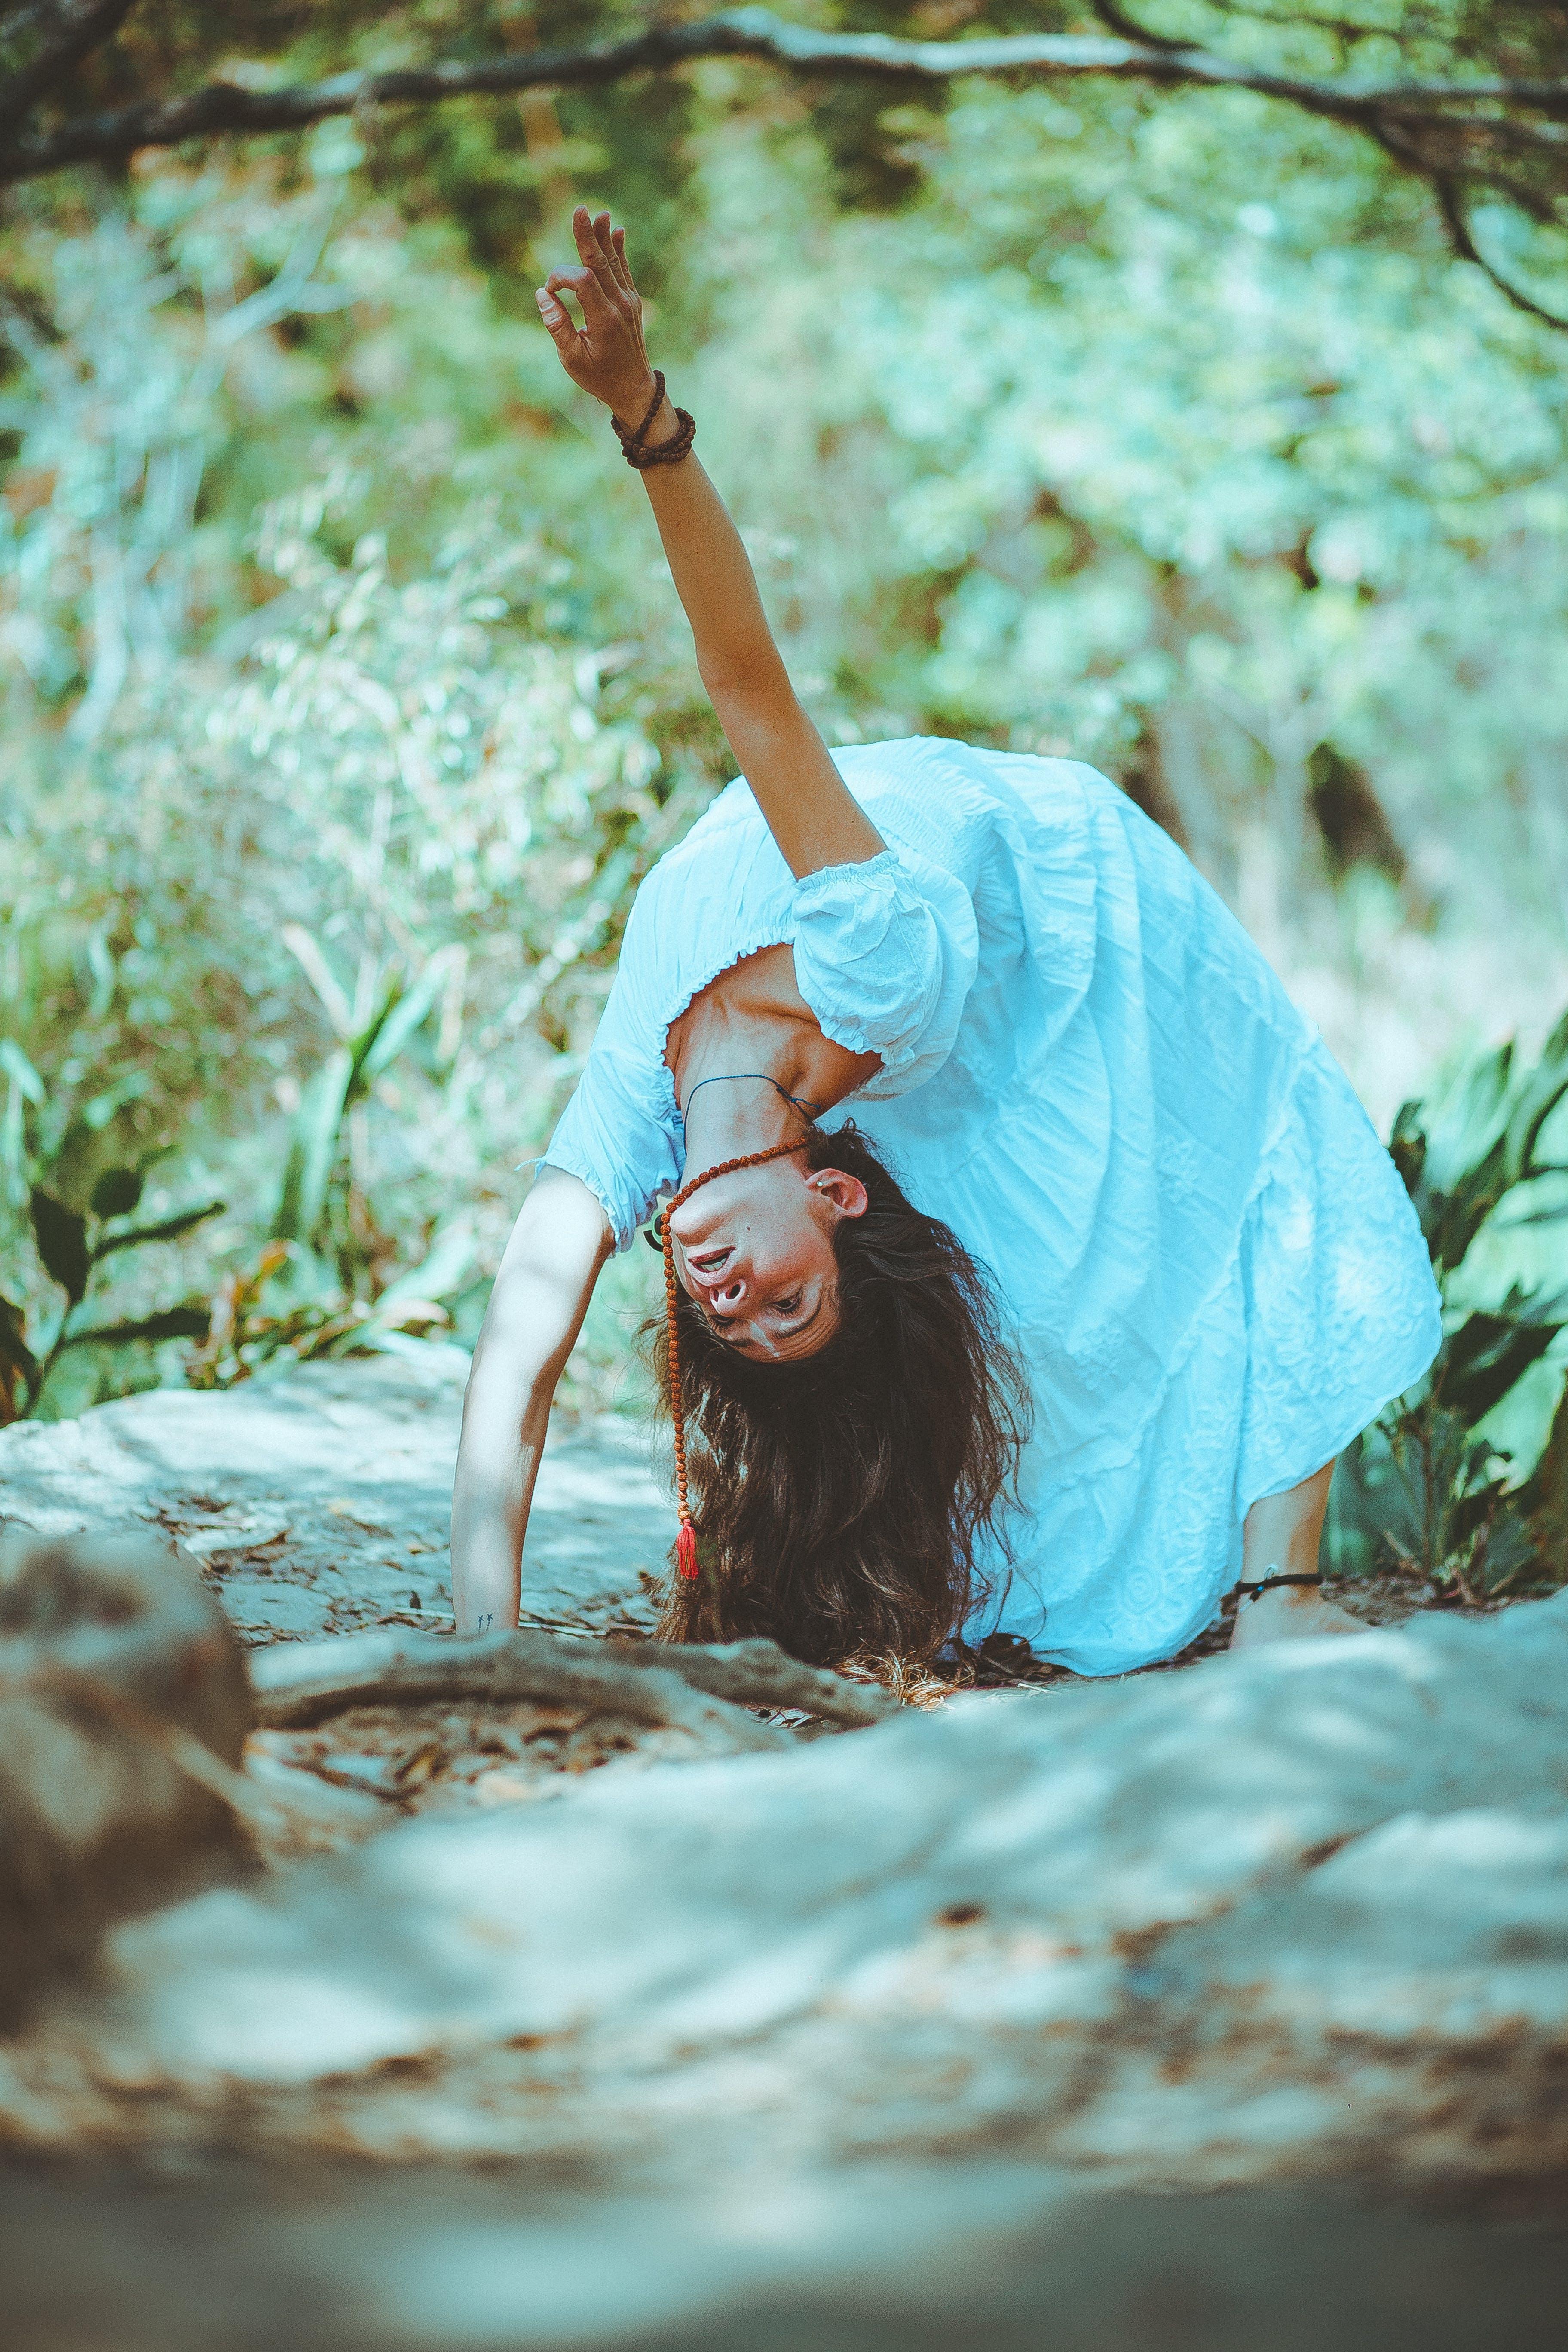 休閒, 女人, 弯曲, 日光 的 免费素材照片